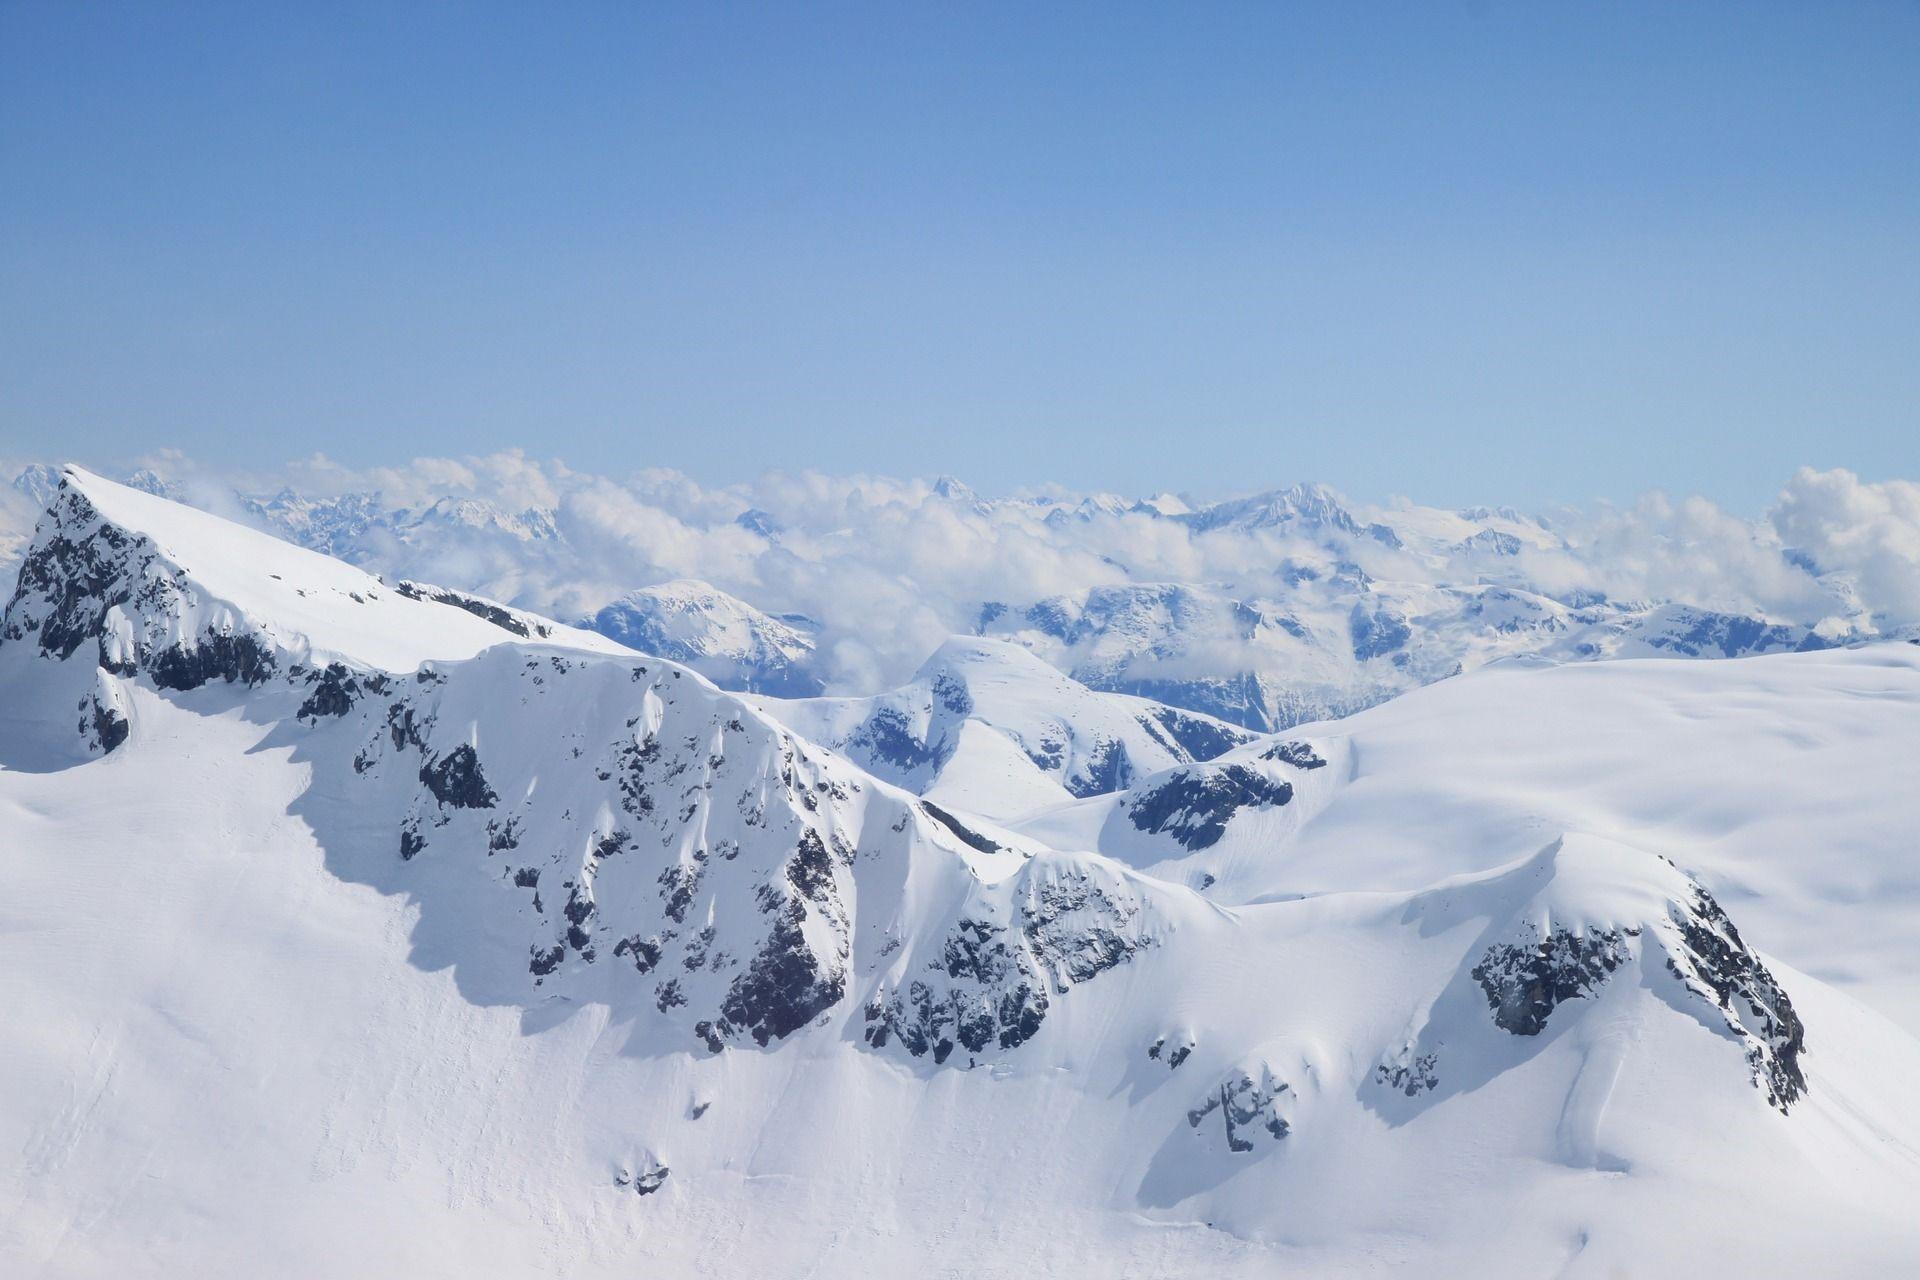 Mount Juneau in Alaska